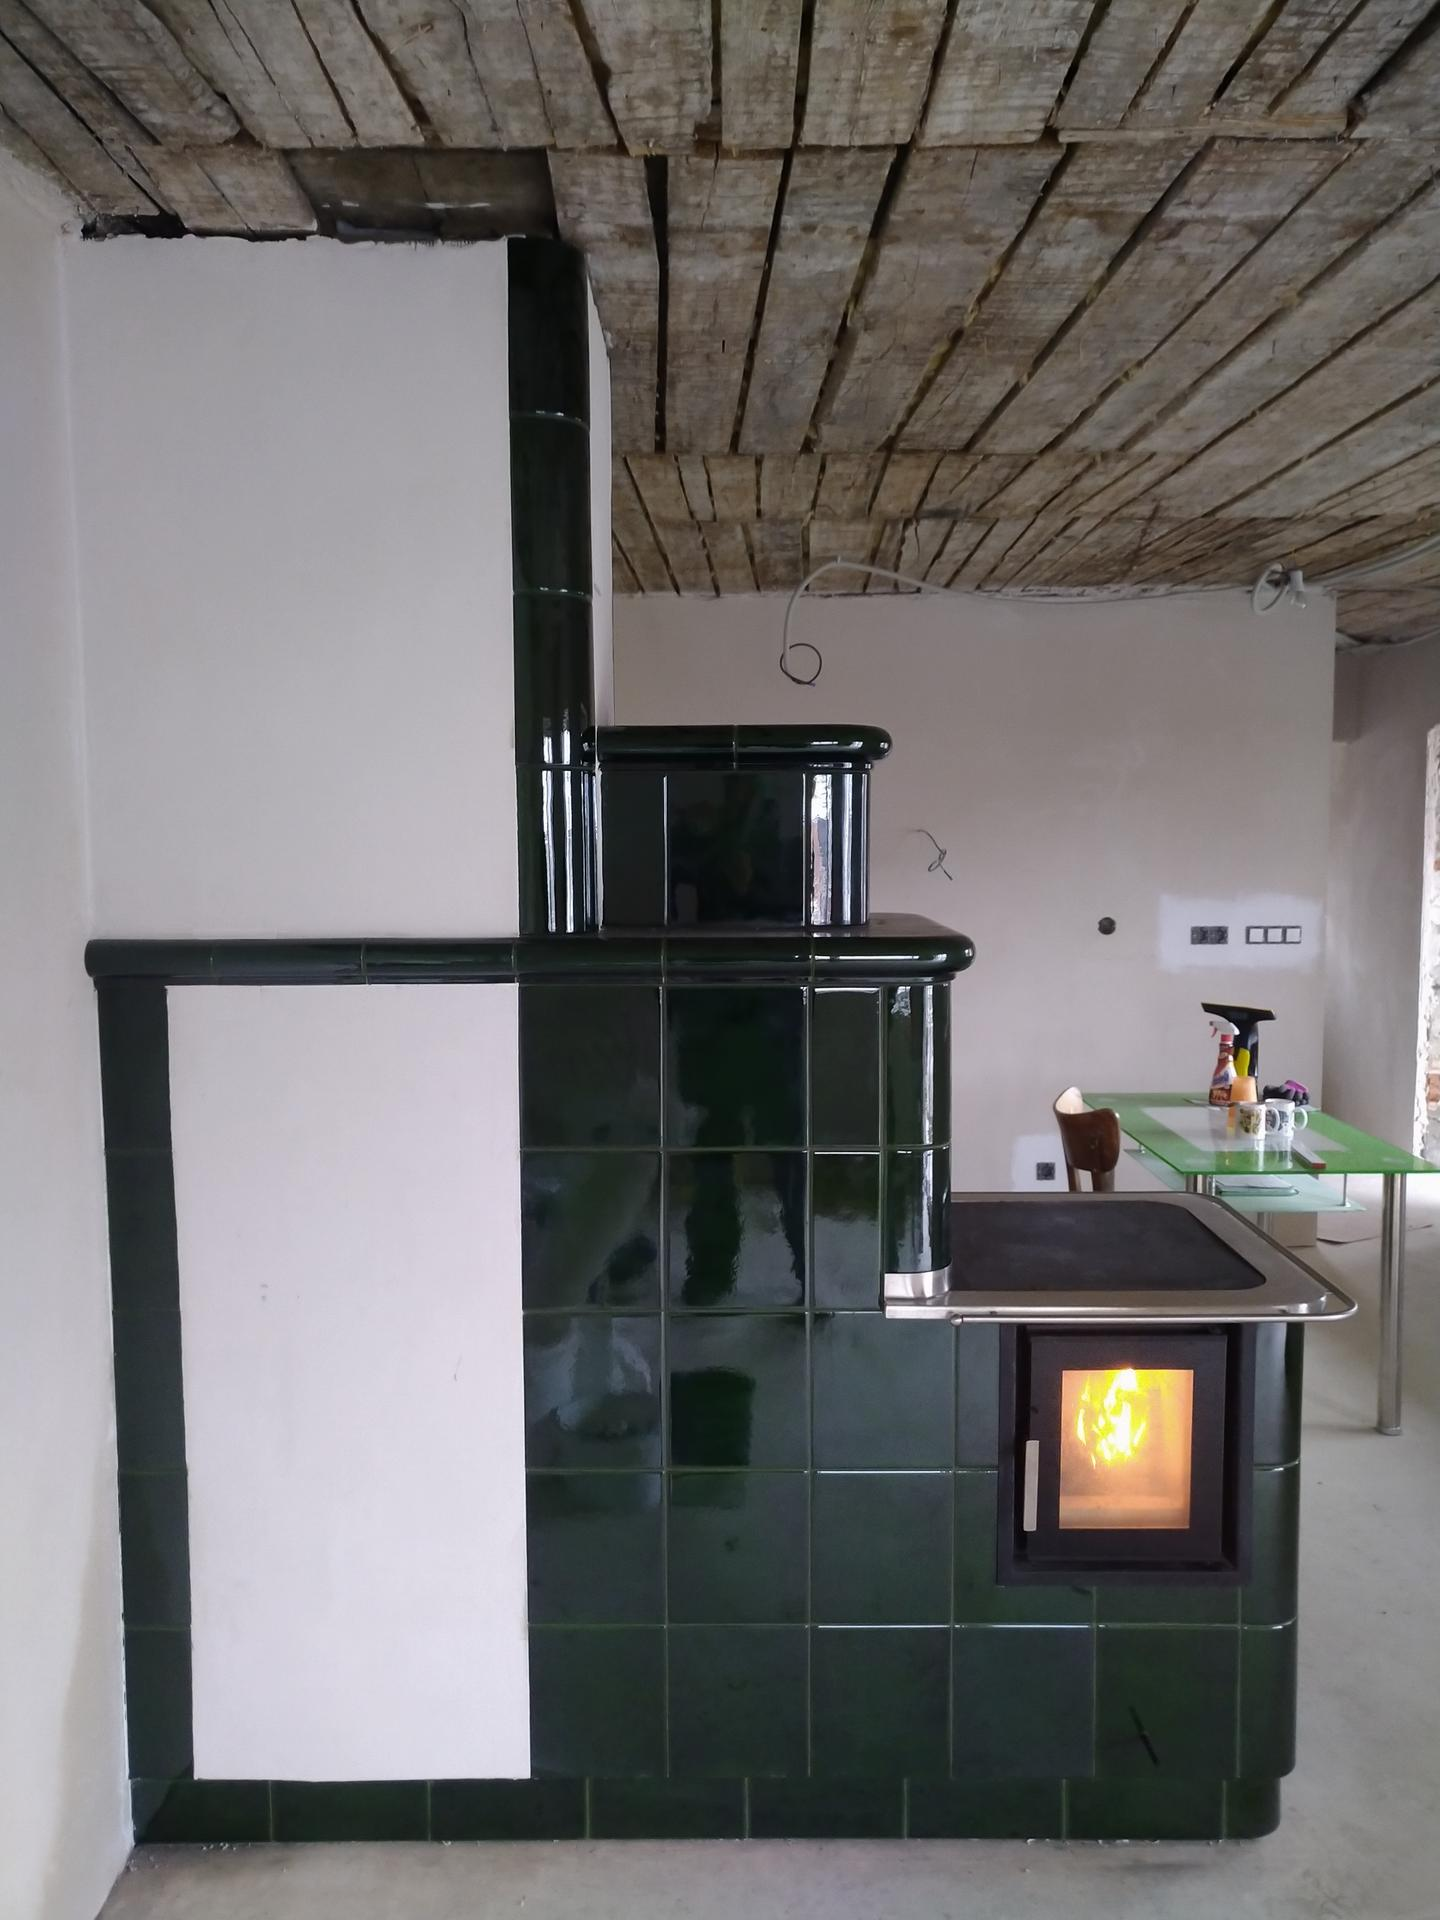 Trošku netradičný kuchynský sporák - Obojstranné prikladanie s obývačkovej strany presklené dvierka ,rúra na pečenie ,dokurovanie poschodia ...